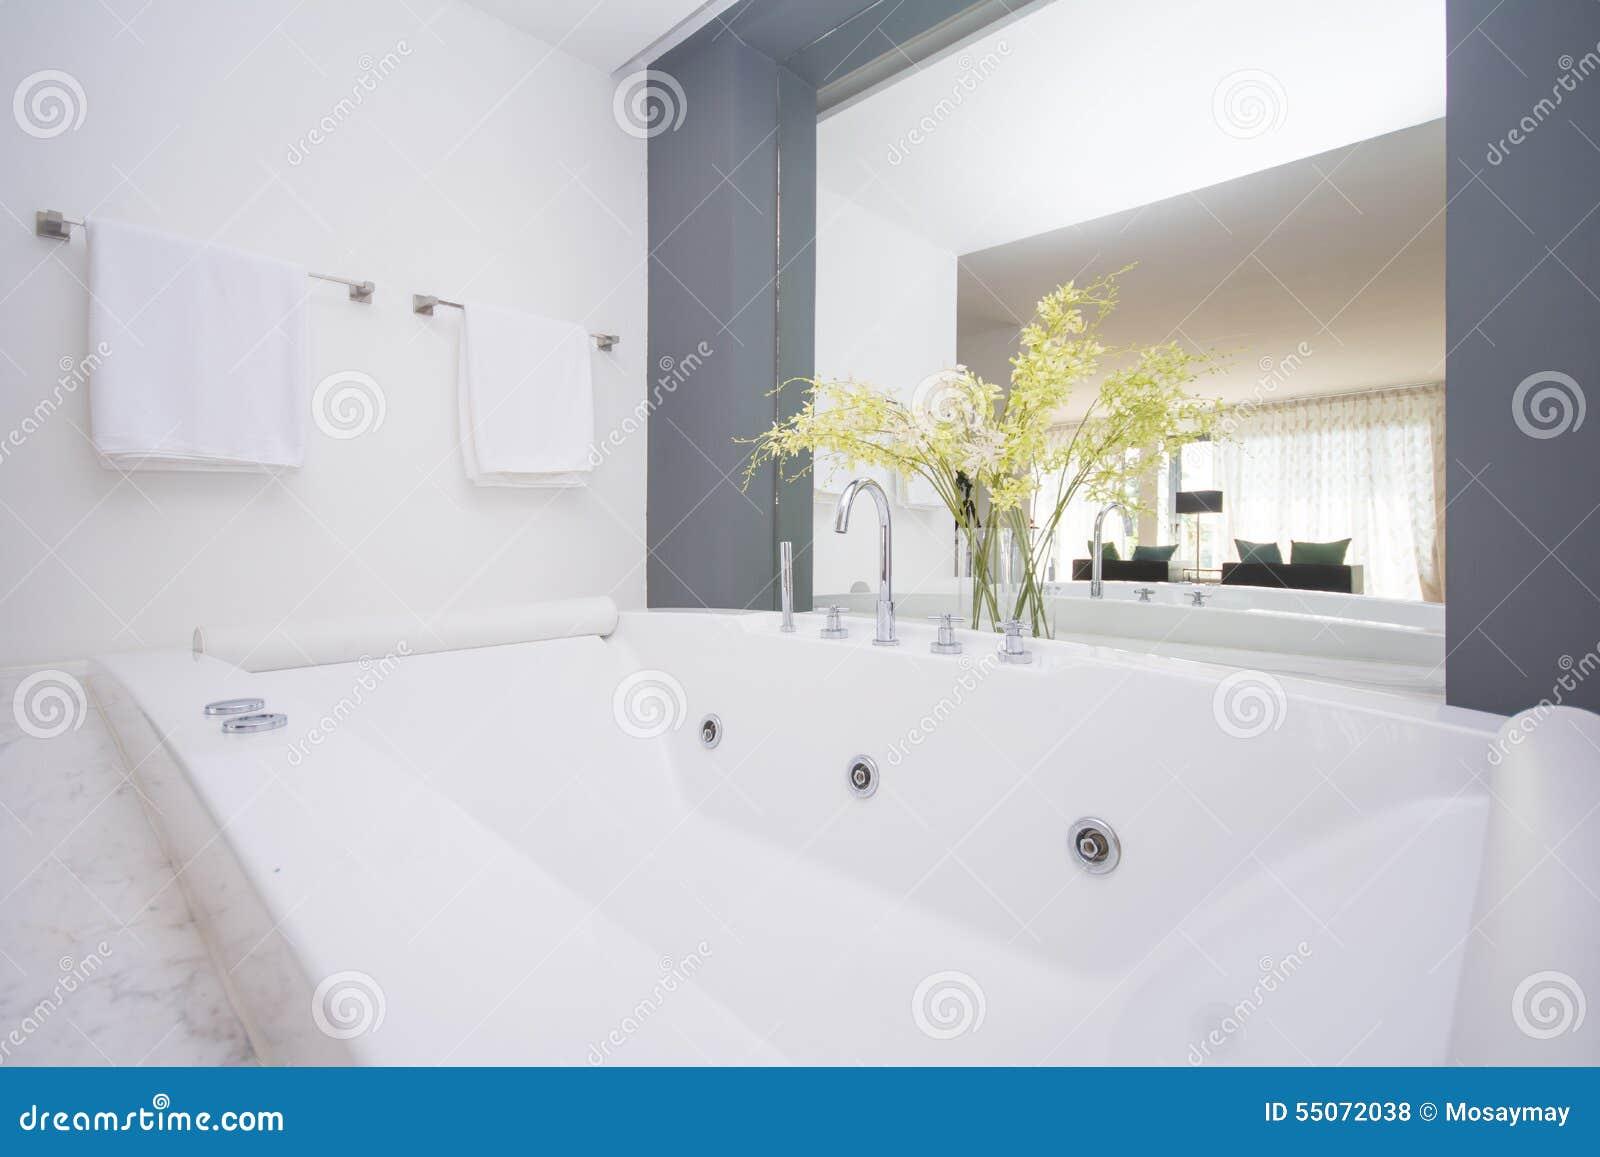 Grande Baignoire De Luxe Dans La Salle De Bains Photo stock - Image ...